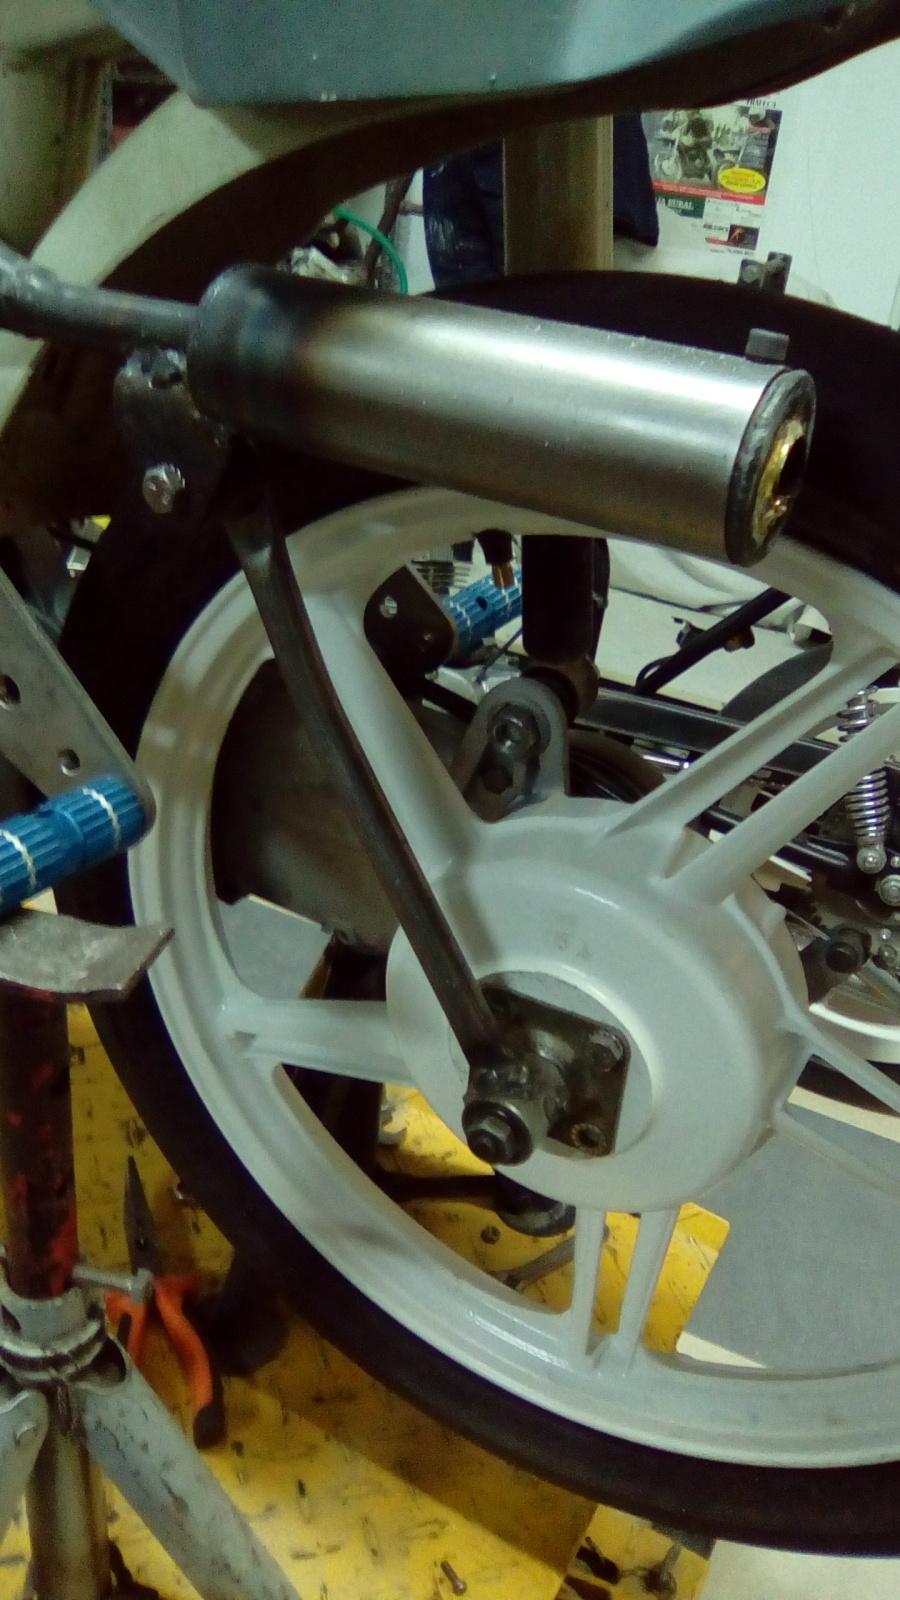 VESPINO - Proyecto Vespino de 65 cc. de Velocidad. - Página 2 2dqt7c5